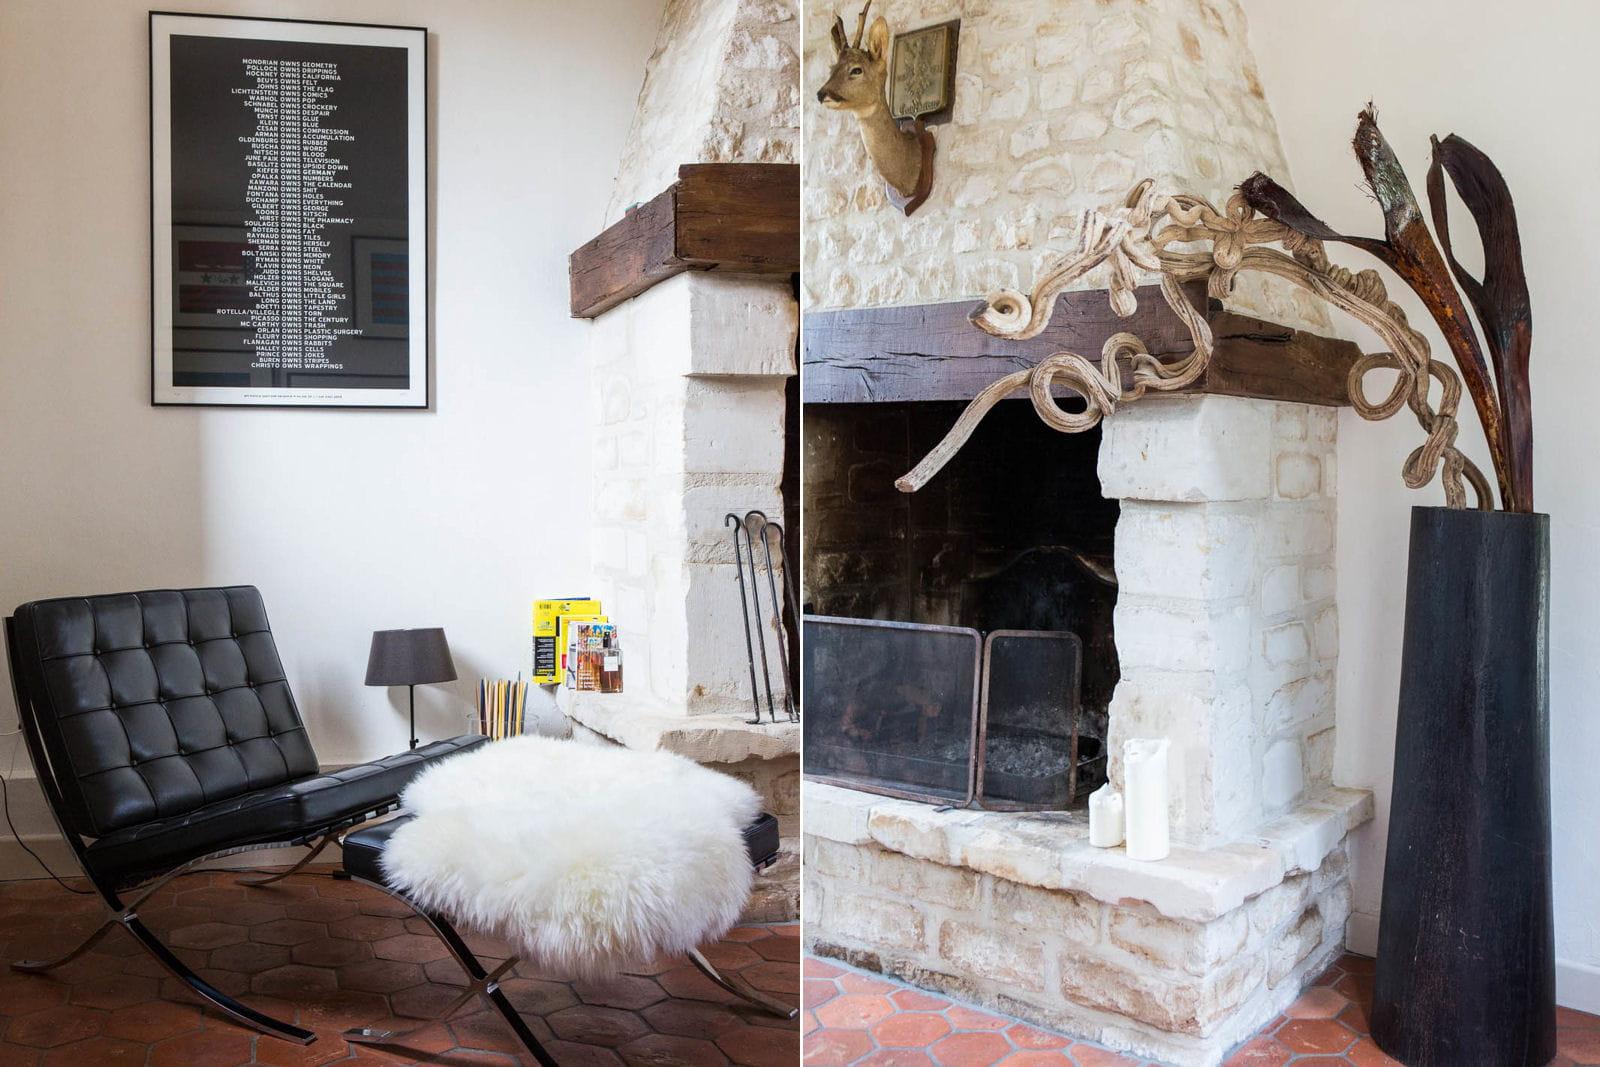 autour de la chemin e d co mix and match dans une ancienne curie journal des femmes. Black Bedroom Furniture Sets. Home Design Ideas